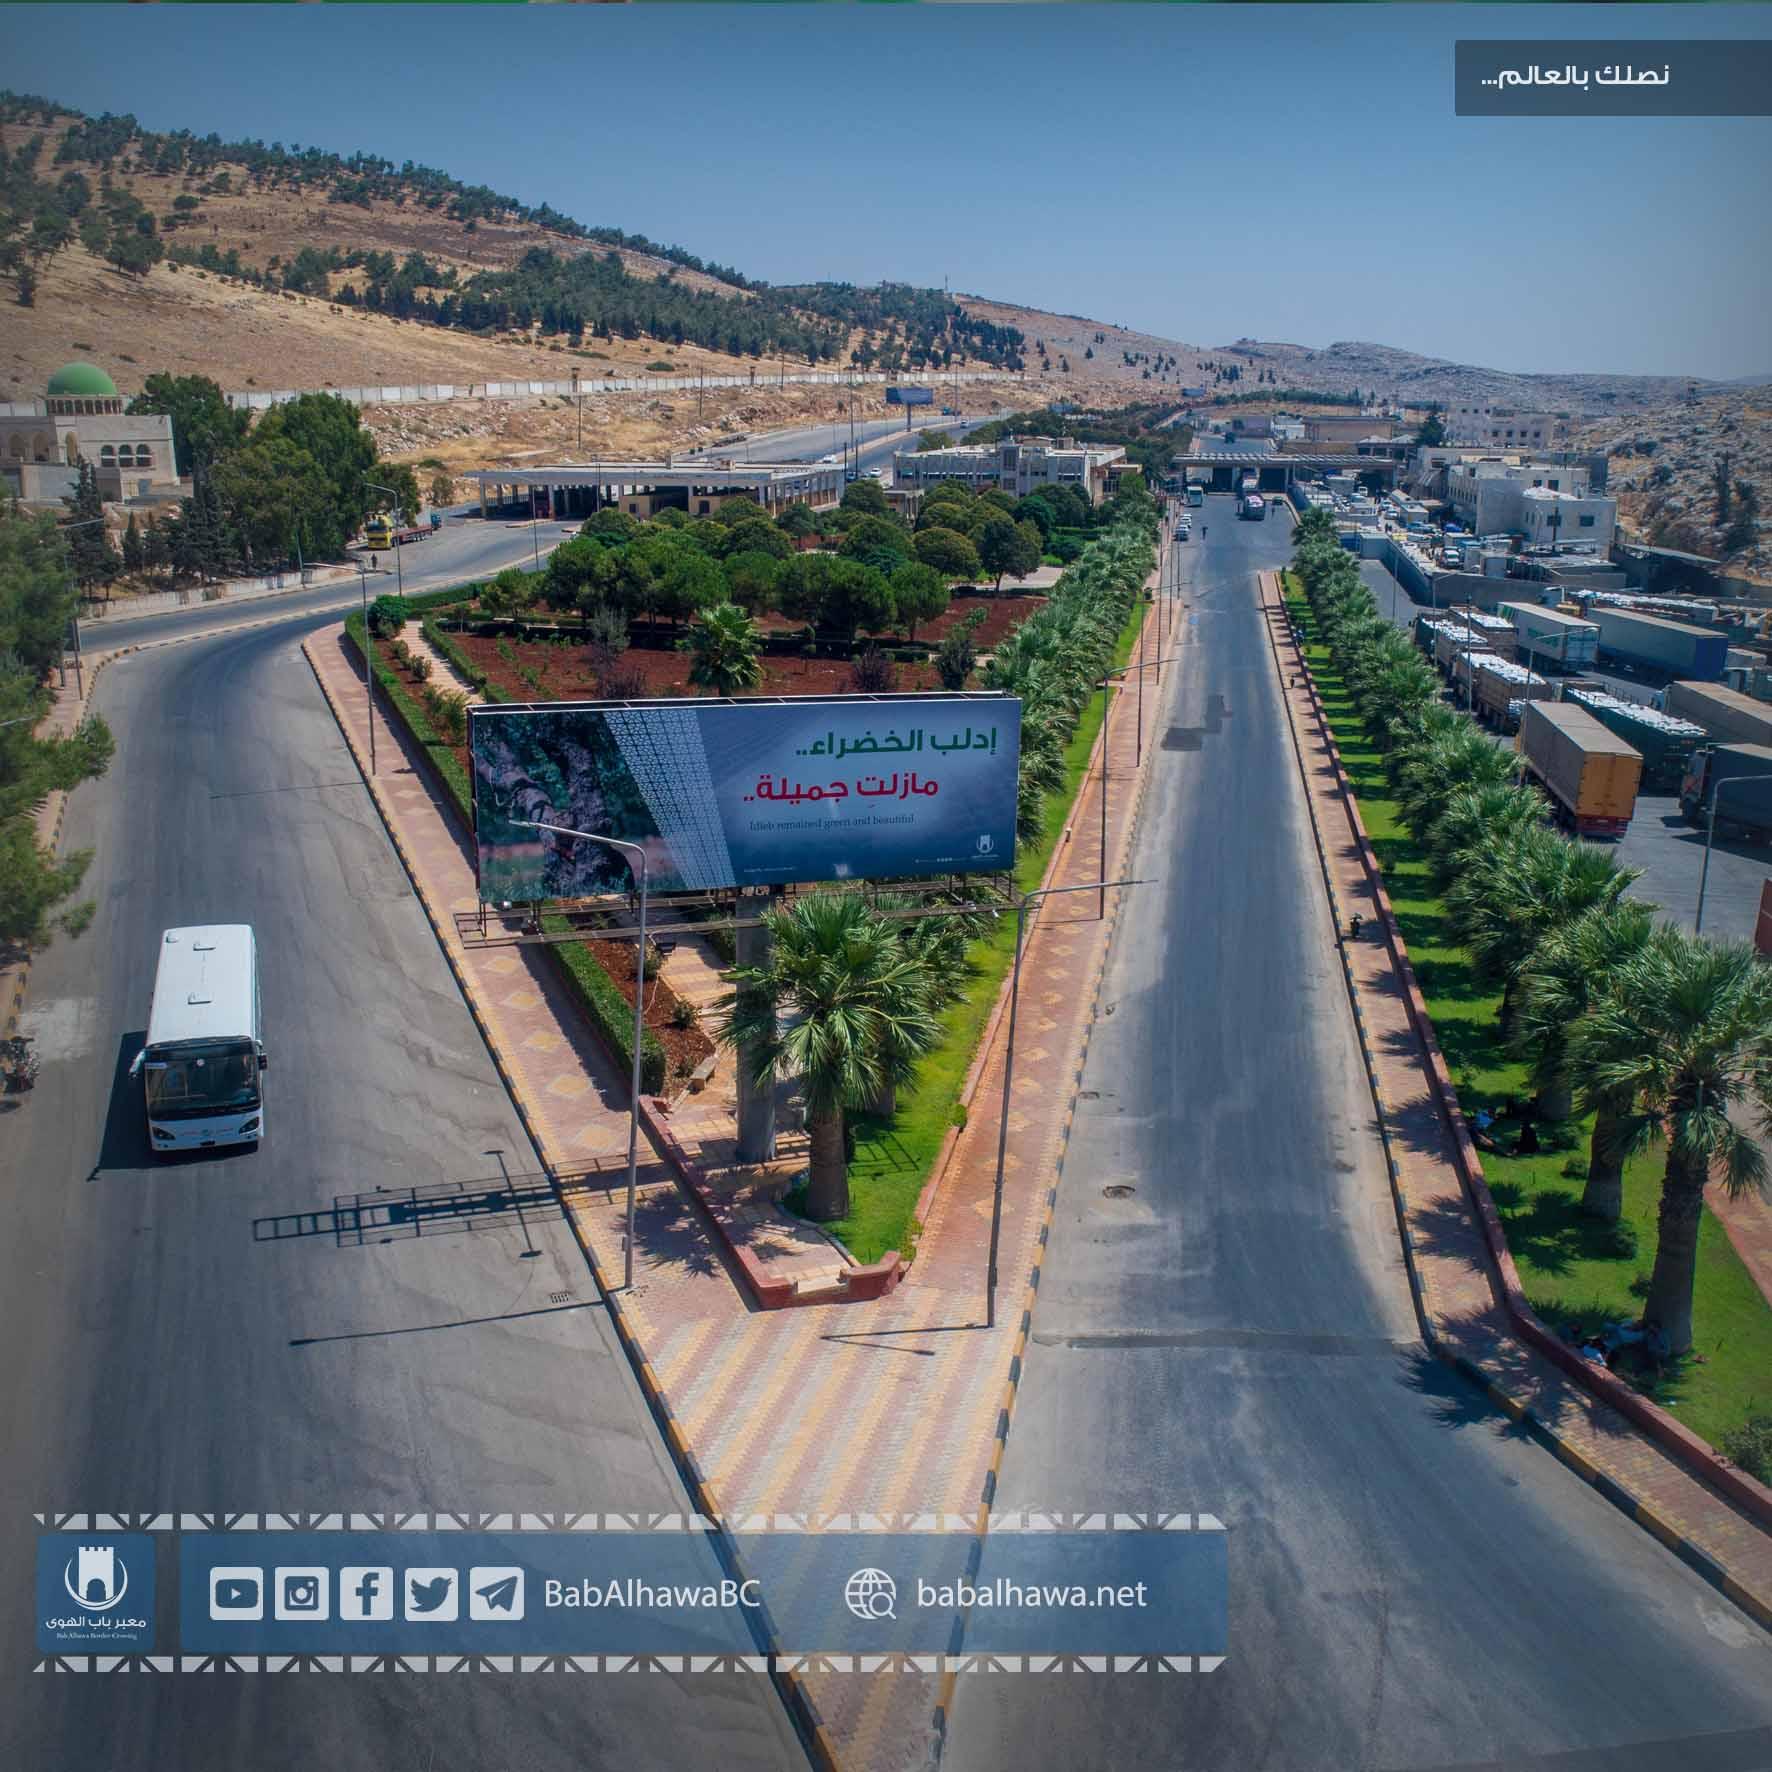 لقطة جوية لمعبر باب الهوى - سوريا